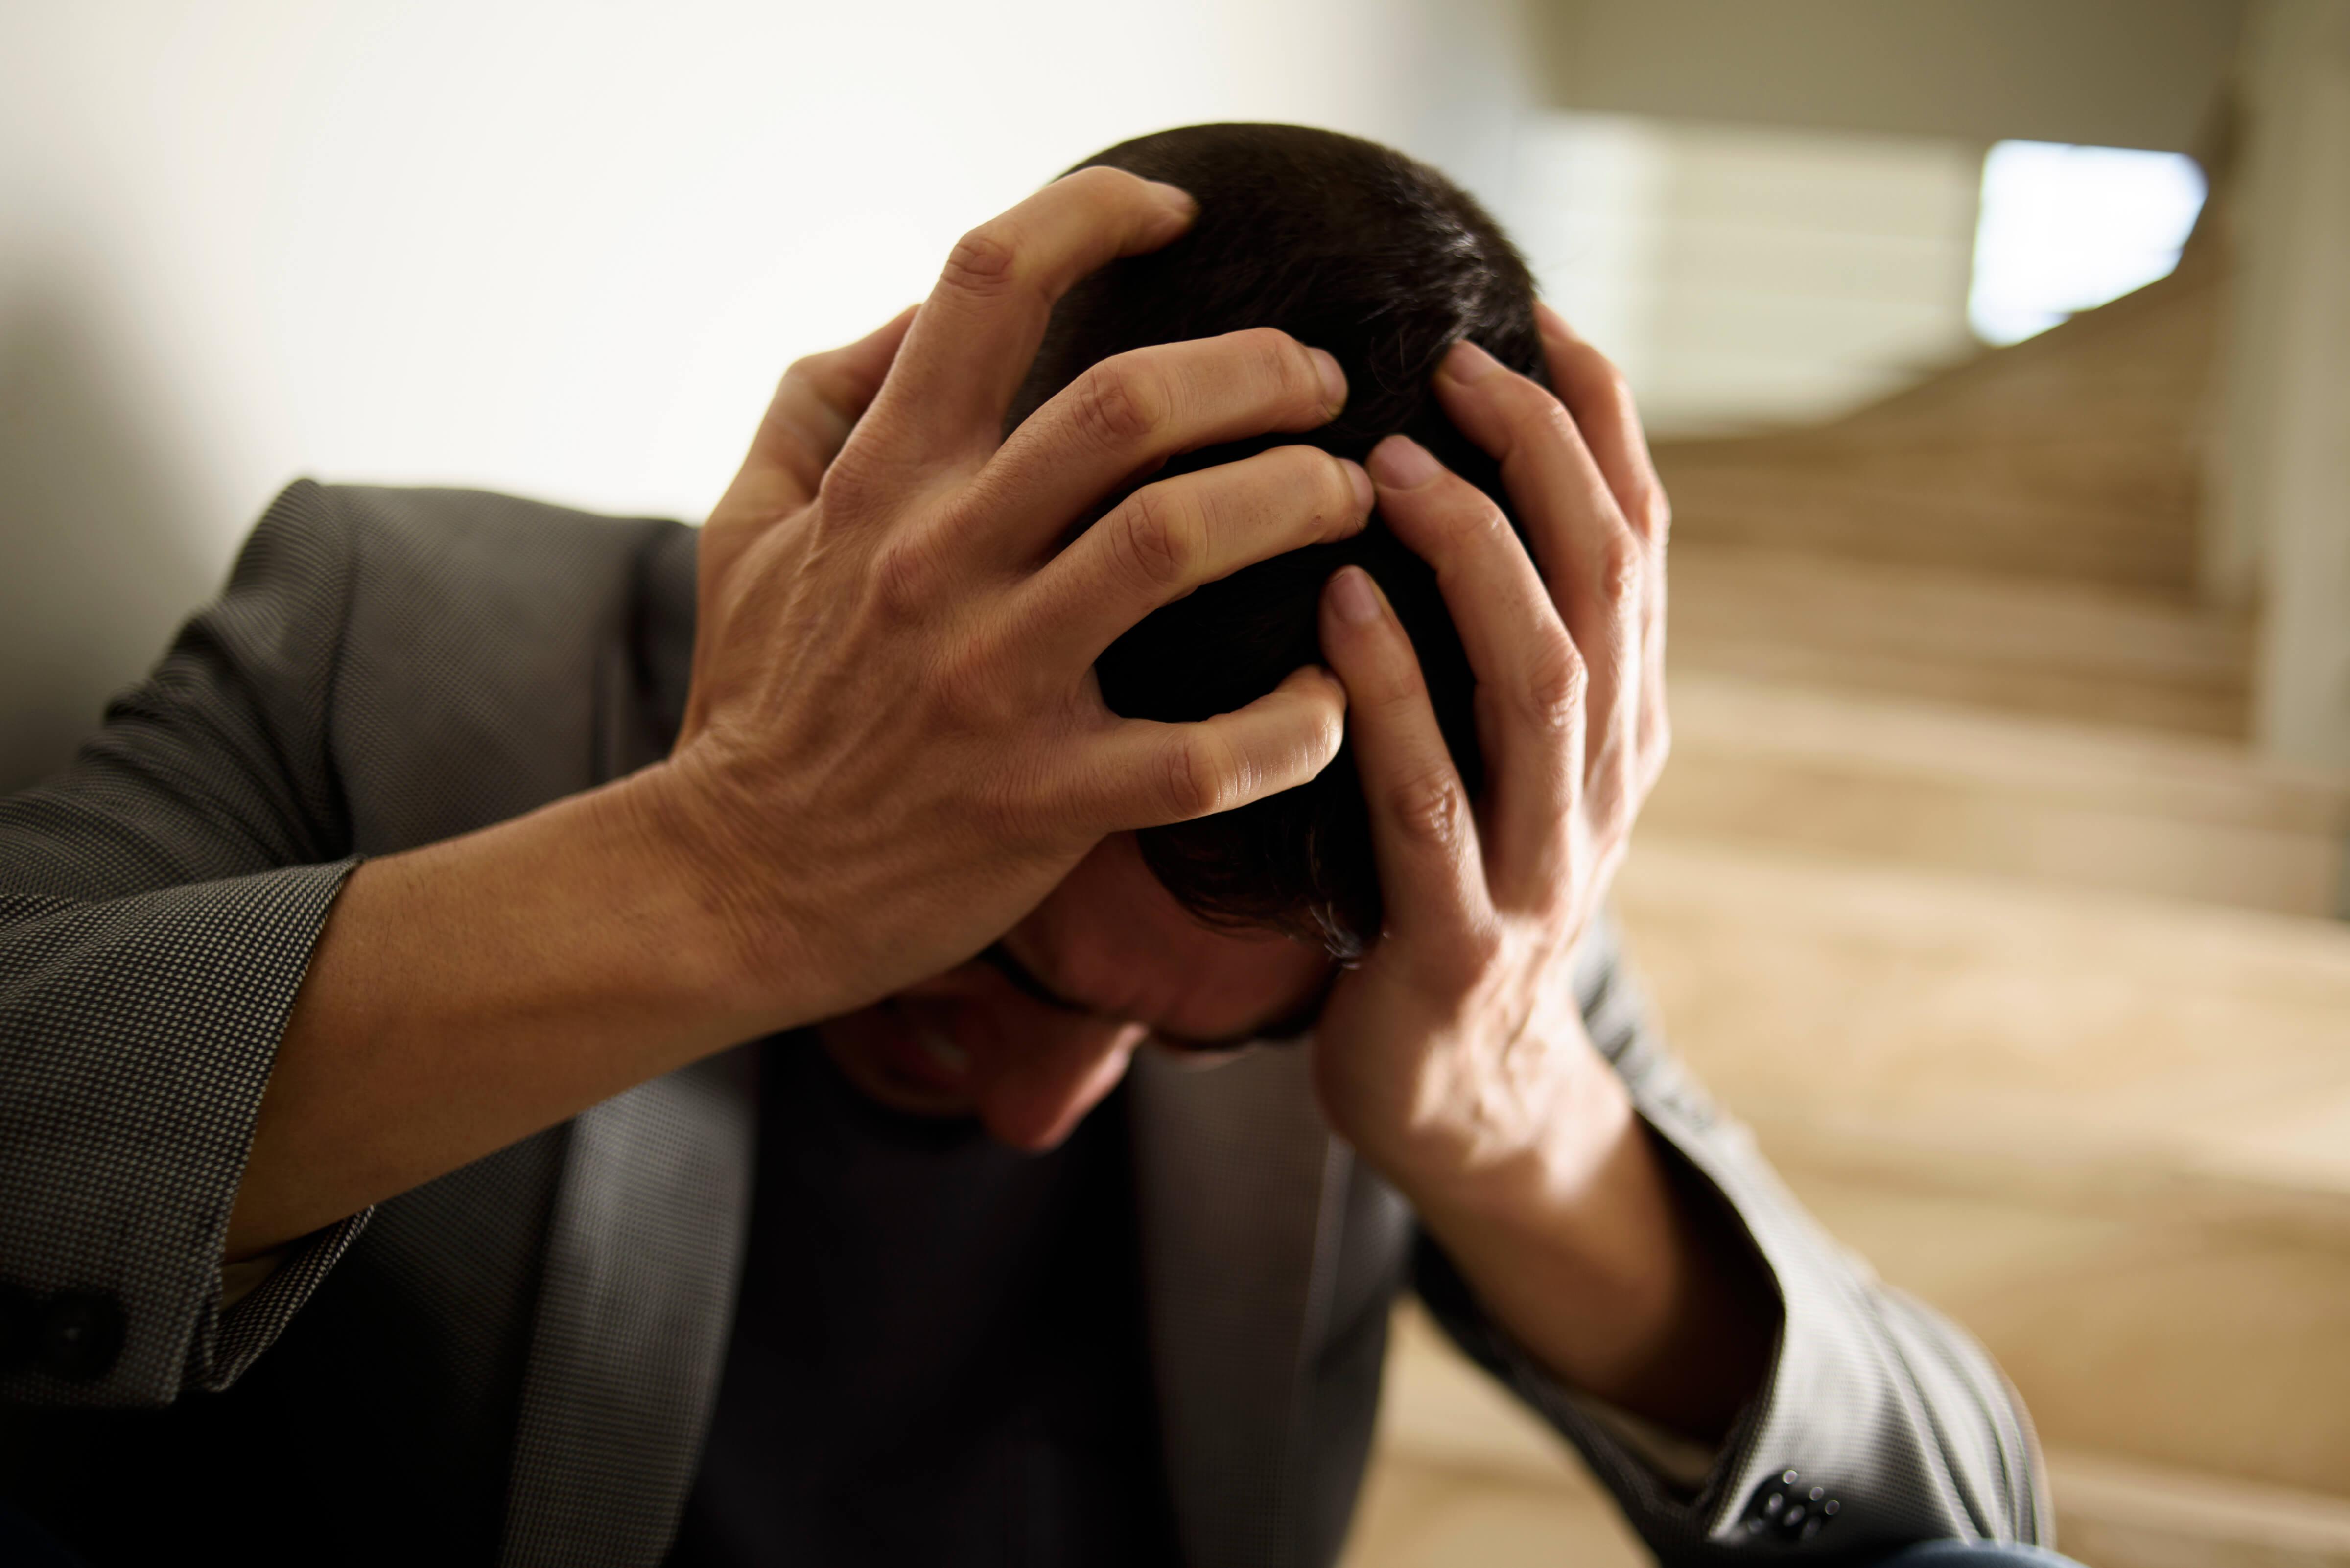 Homme maladie dépression schnizophrénie problèmes mentaux tristesse désespoir